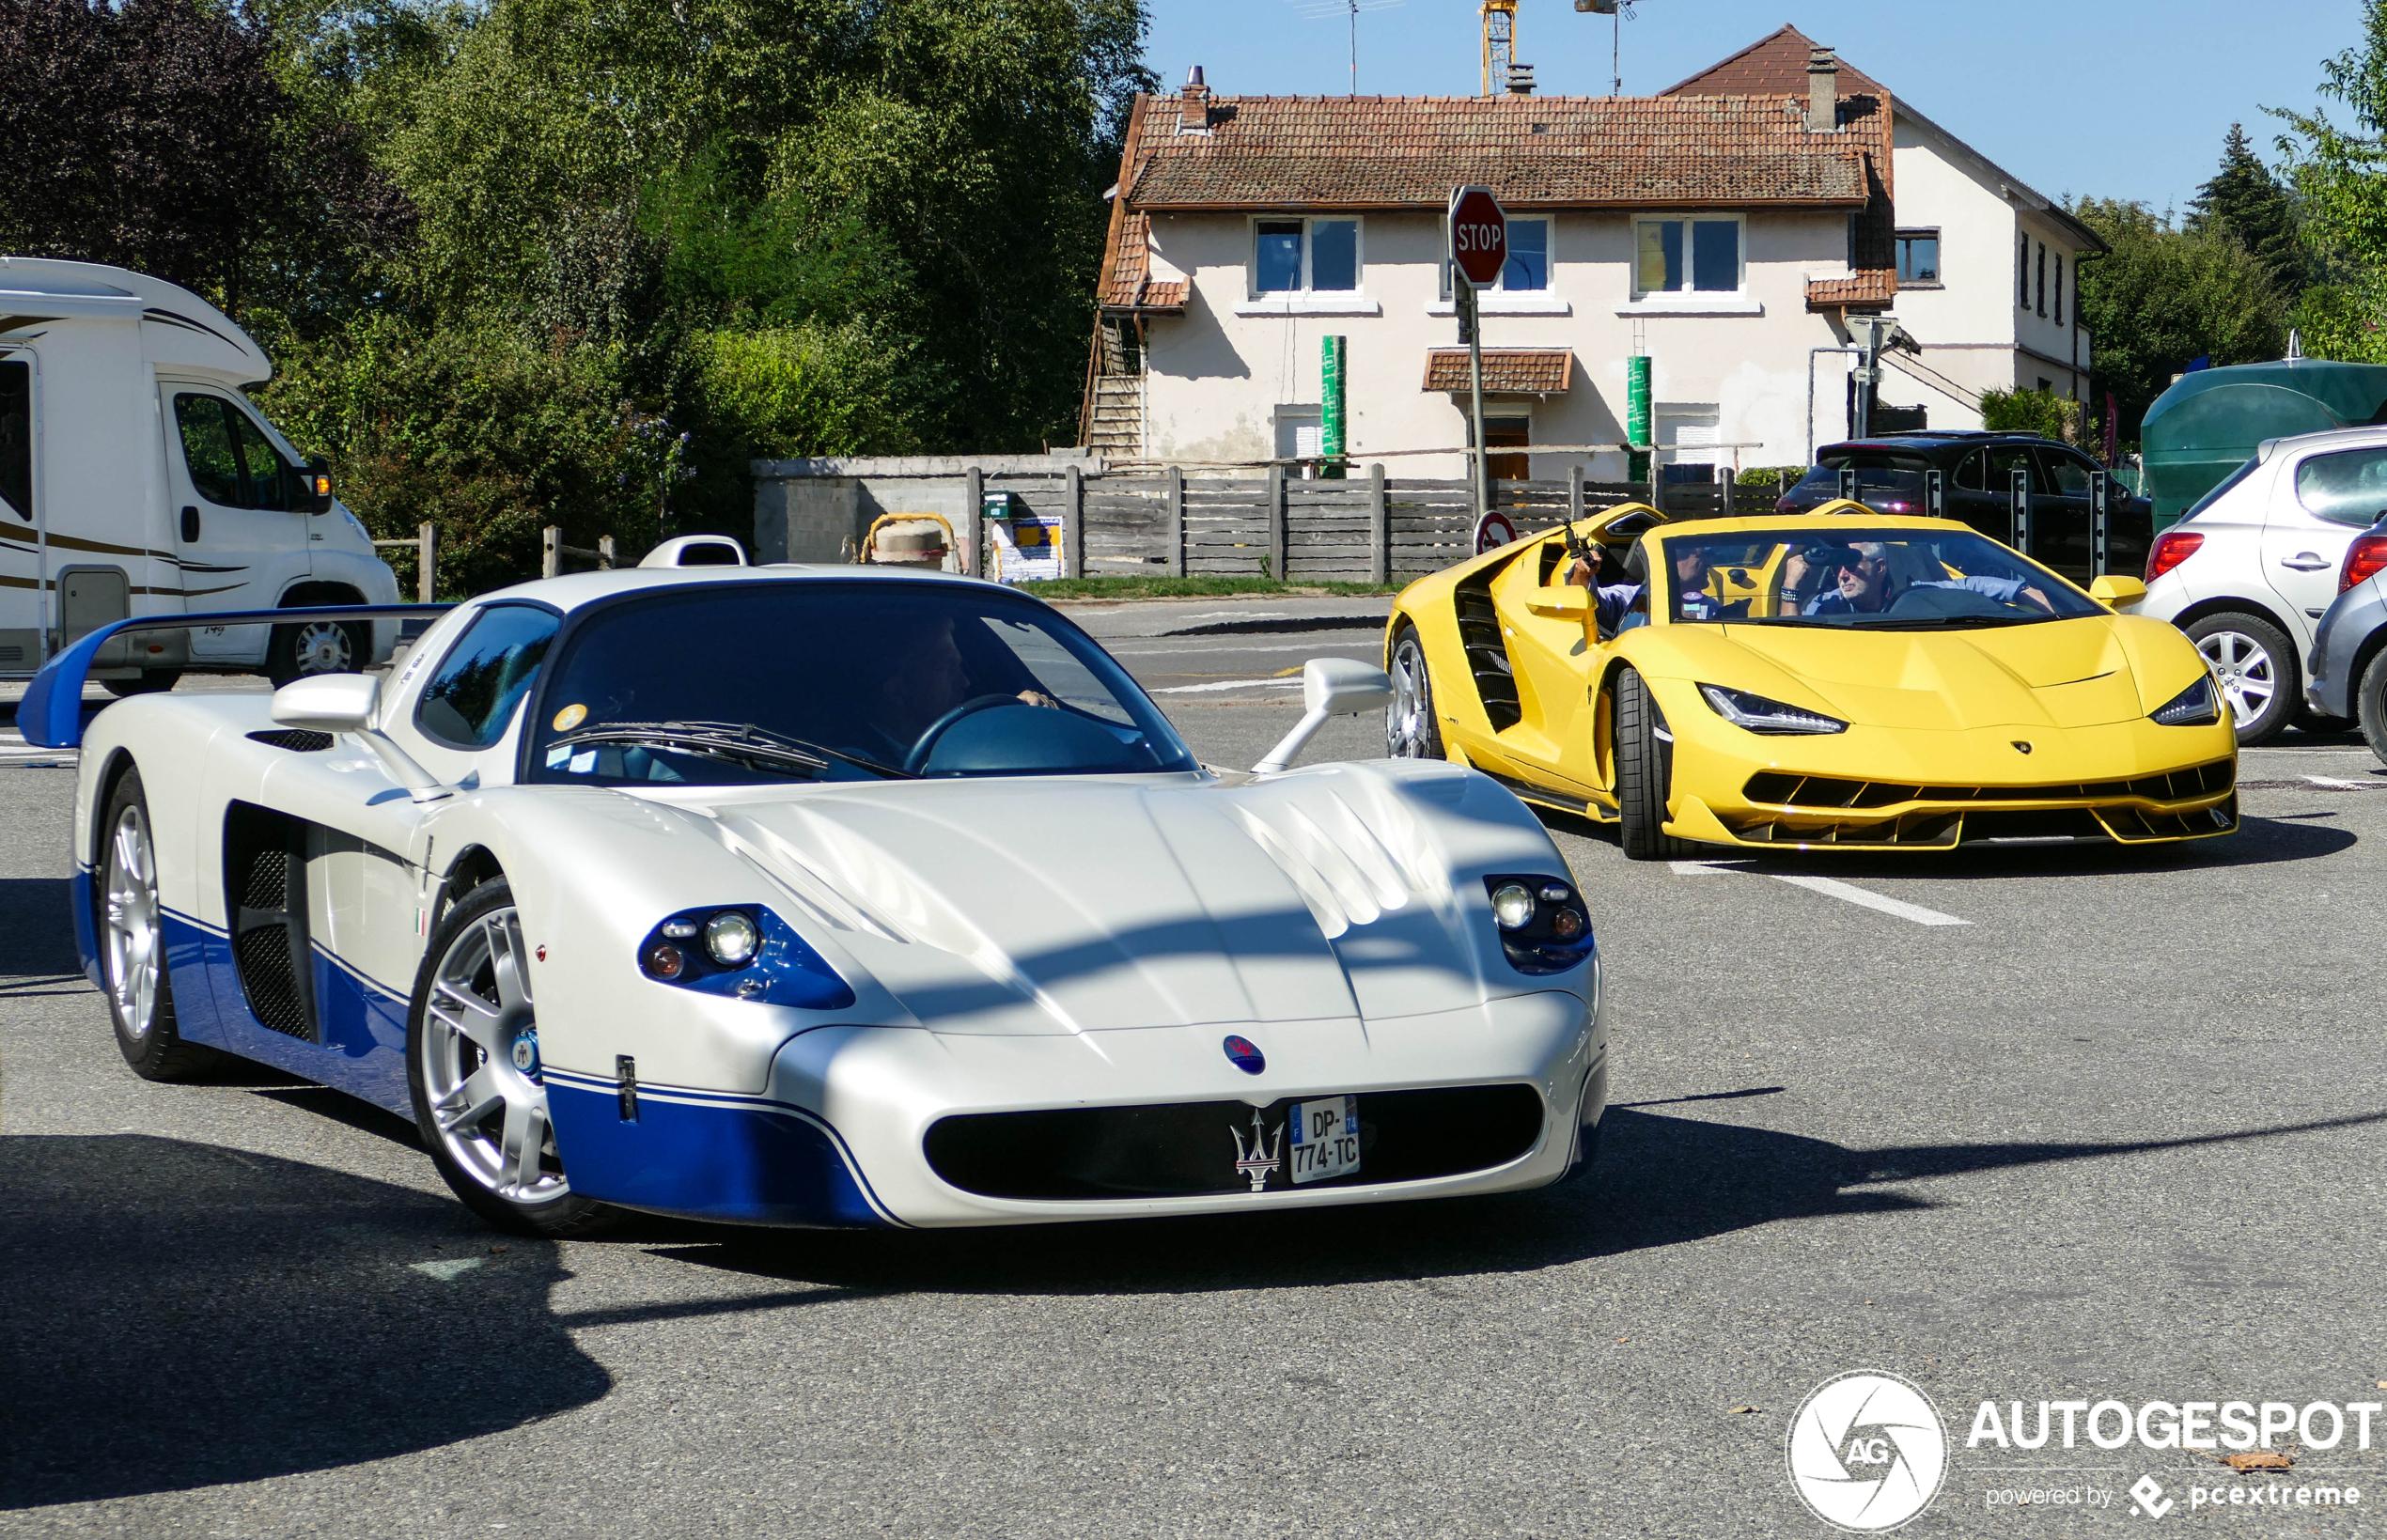 Megacombo! Maserati MC12 met Lamborghini Centenario LP770-4 Roadster